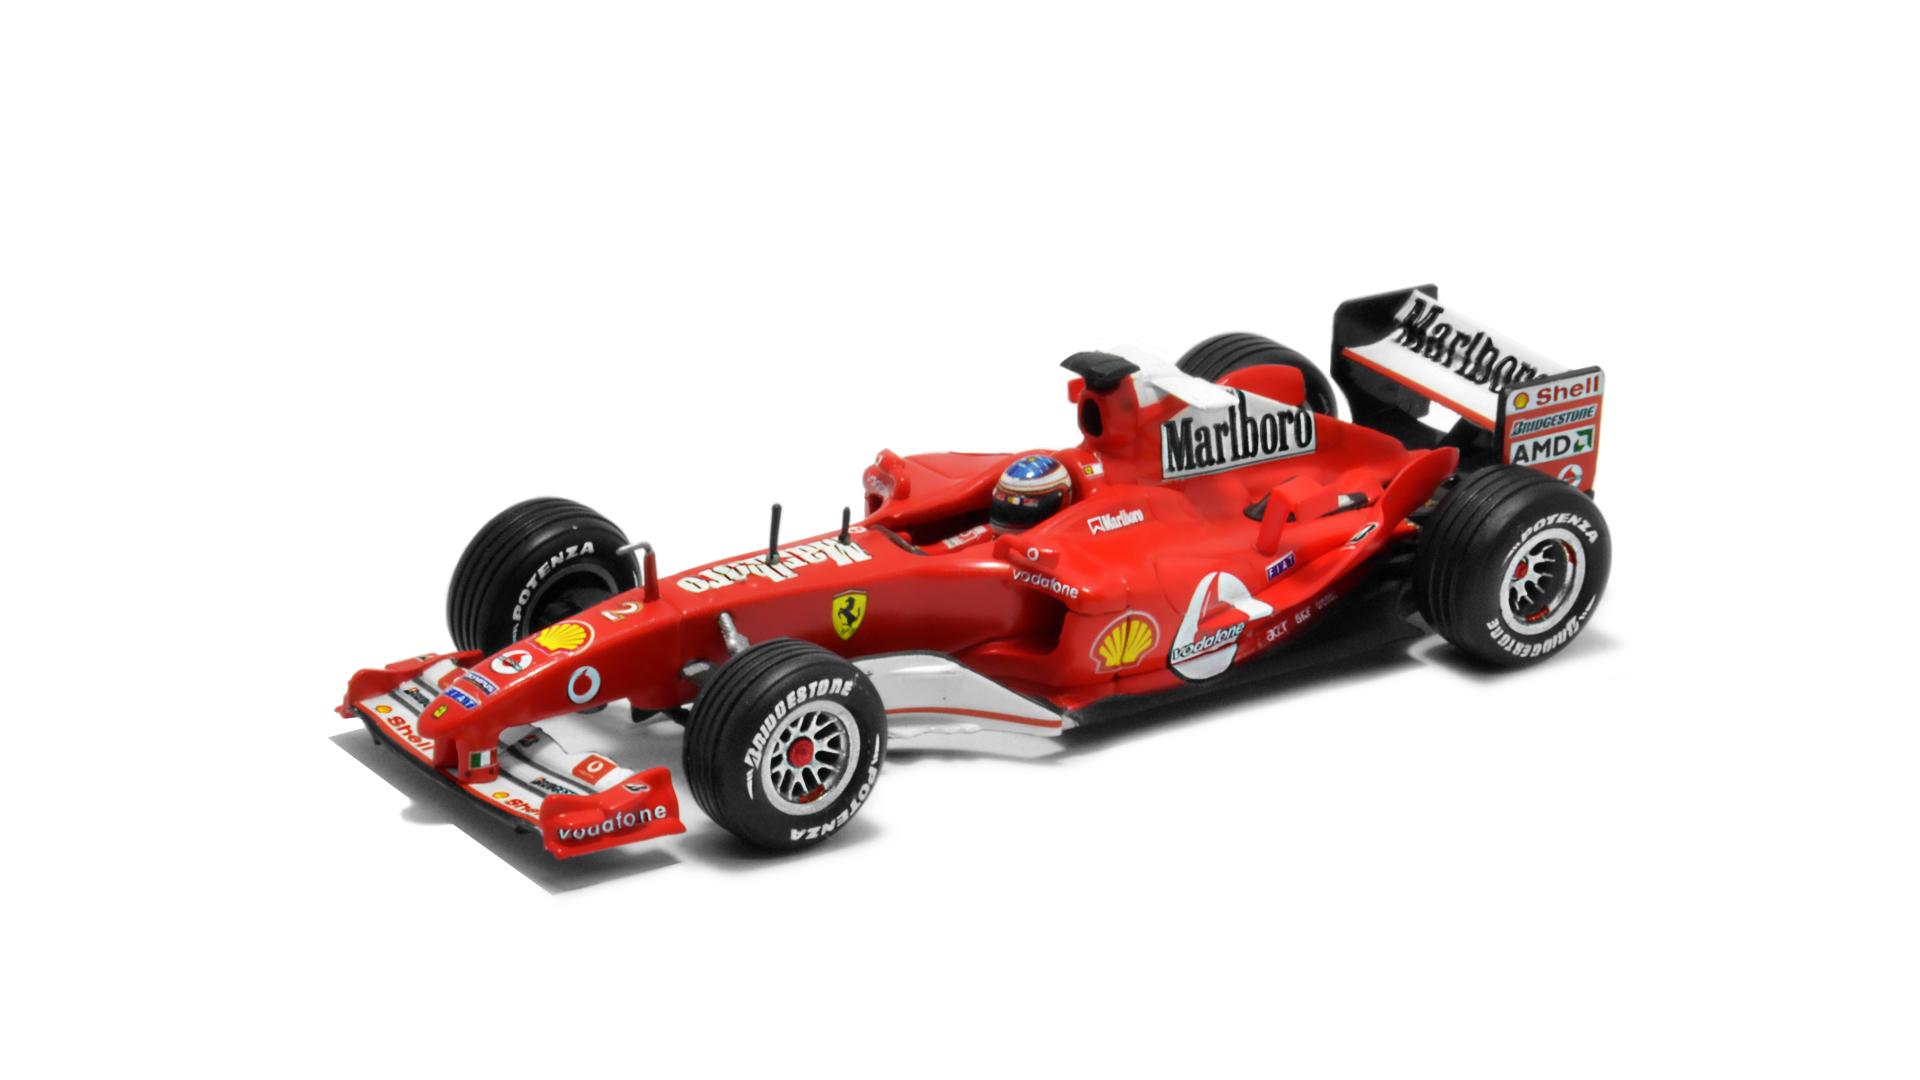 Év: 2004<br />Modell: F2004<br />Gyártó: Hot Wheels<br />Pilóta: Rubens Barrichello